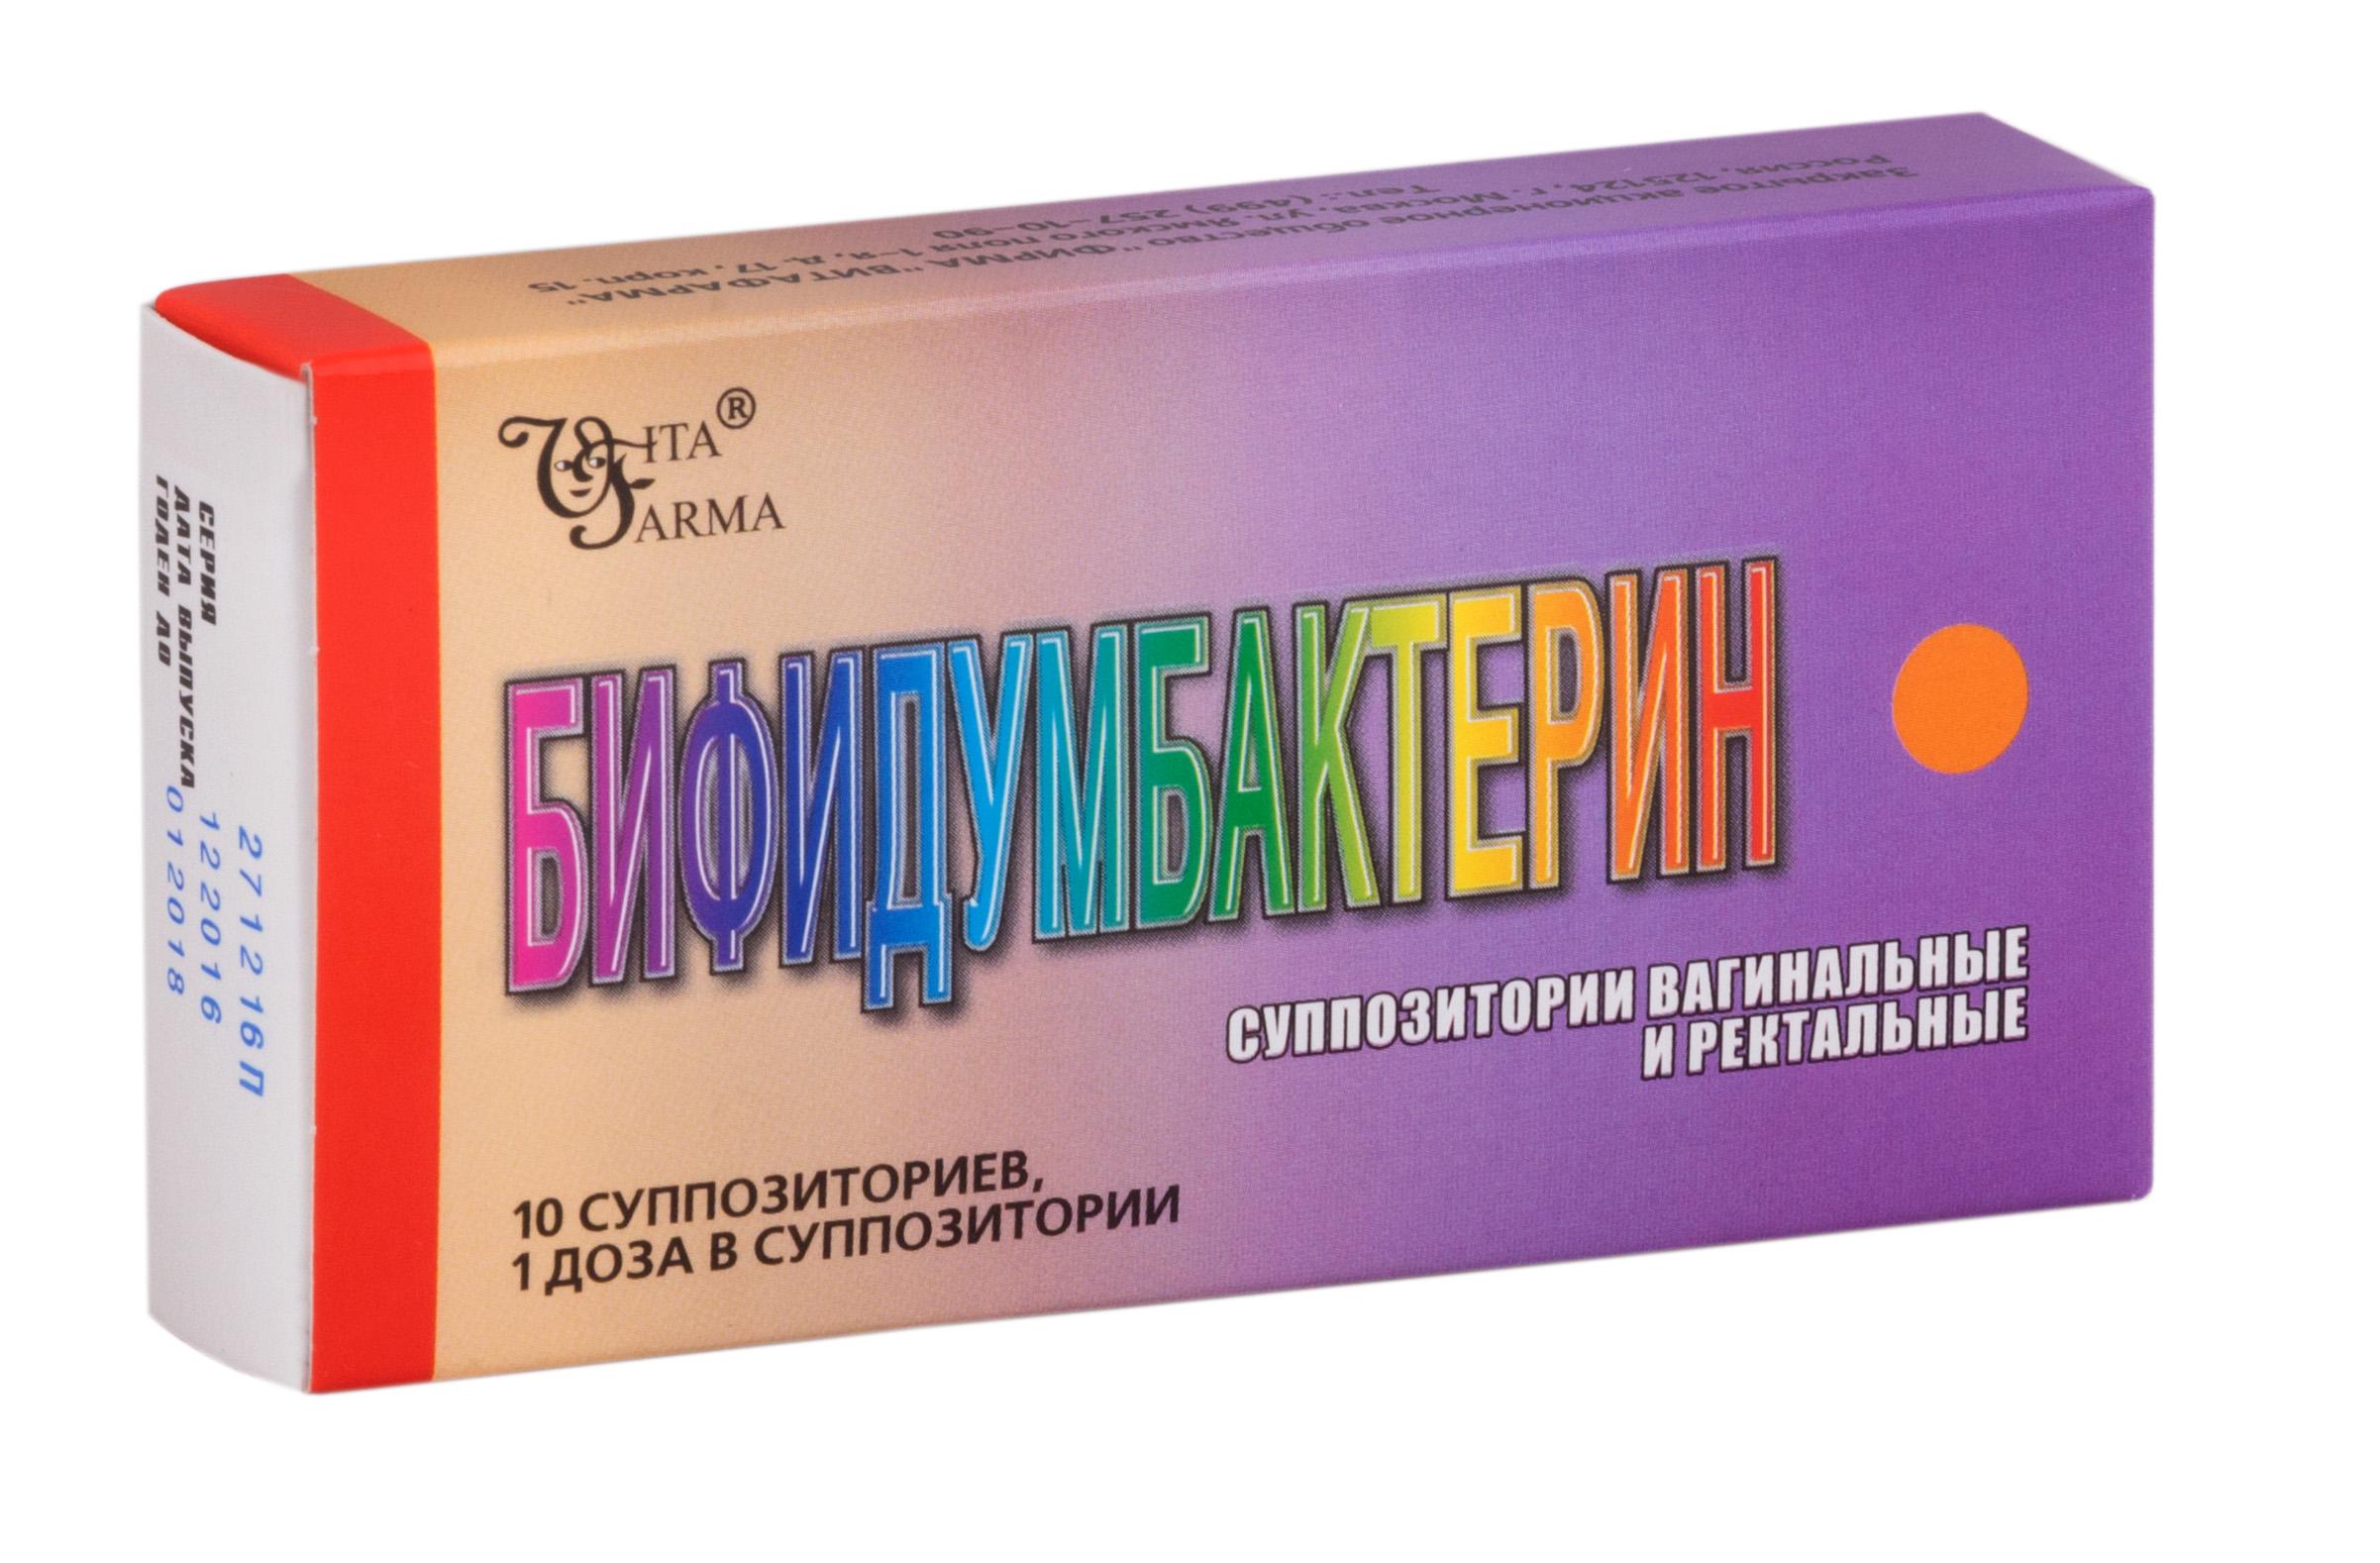 Бифидумбактерин супп. ваг/рект 1доза n10